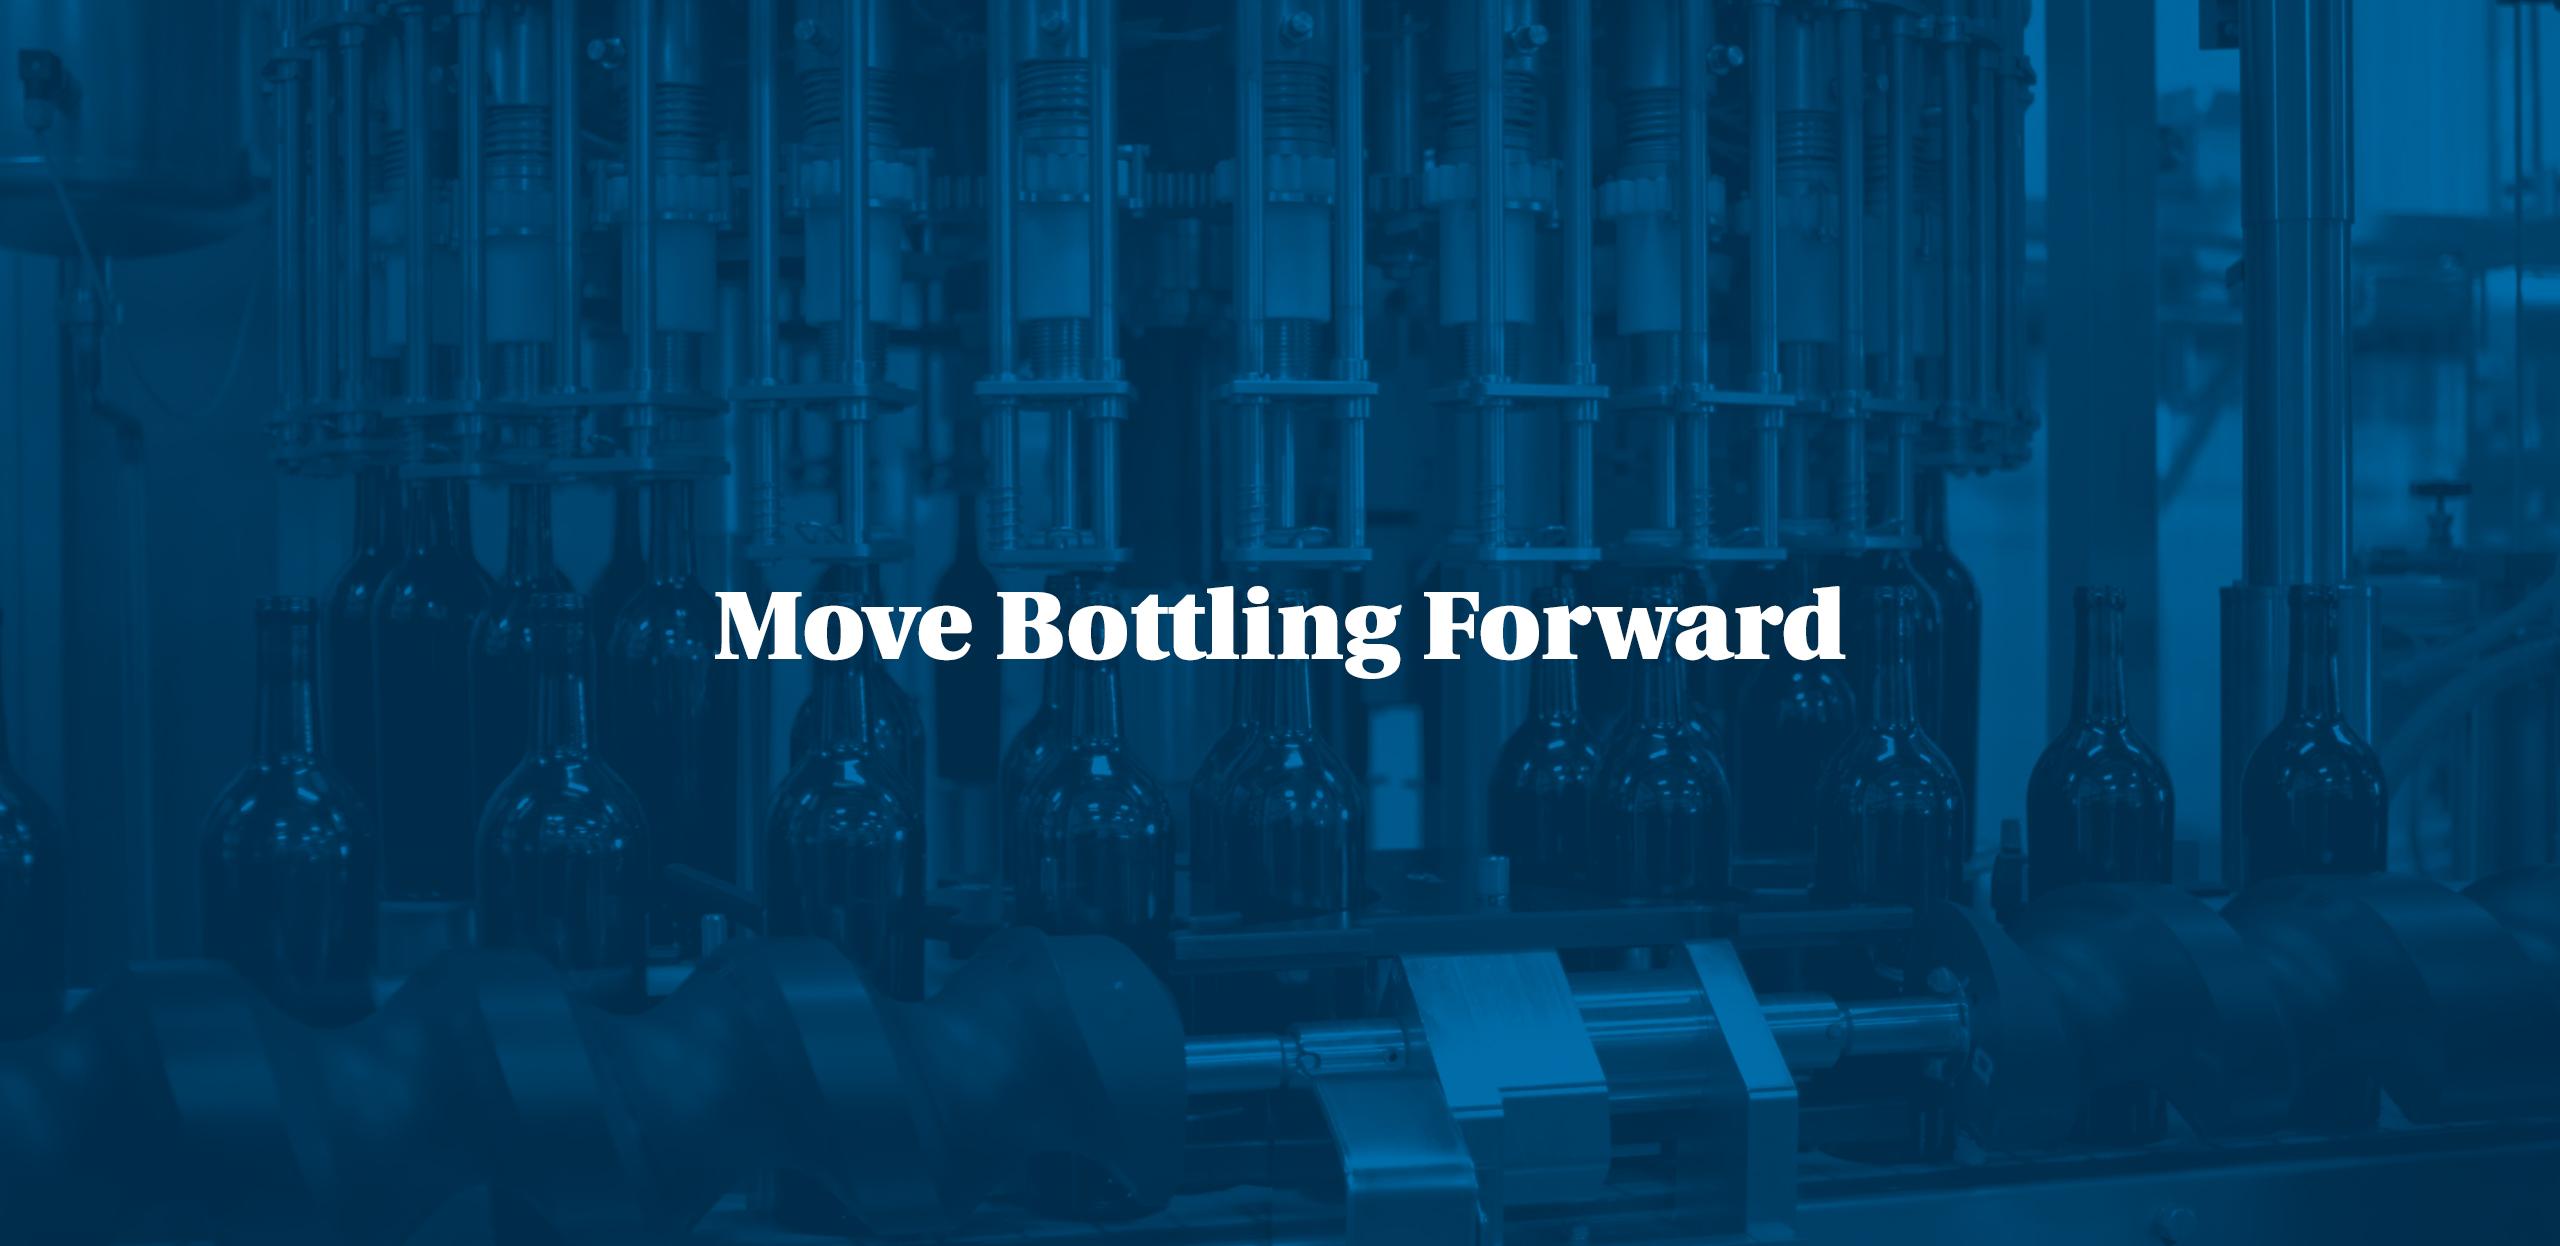 Move Bottling Forward